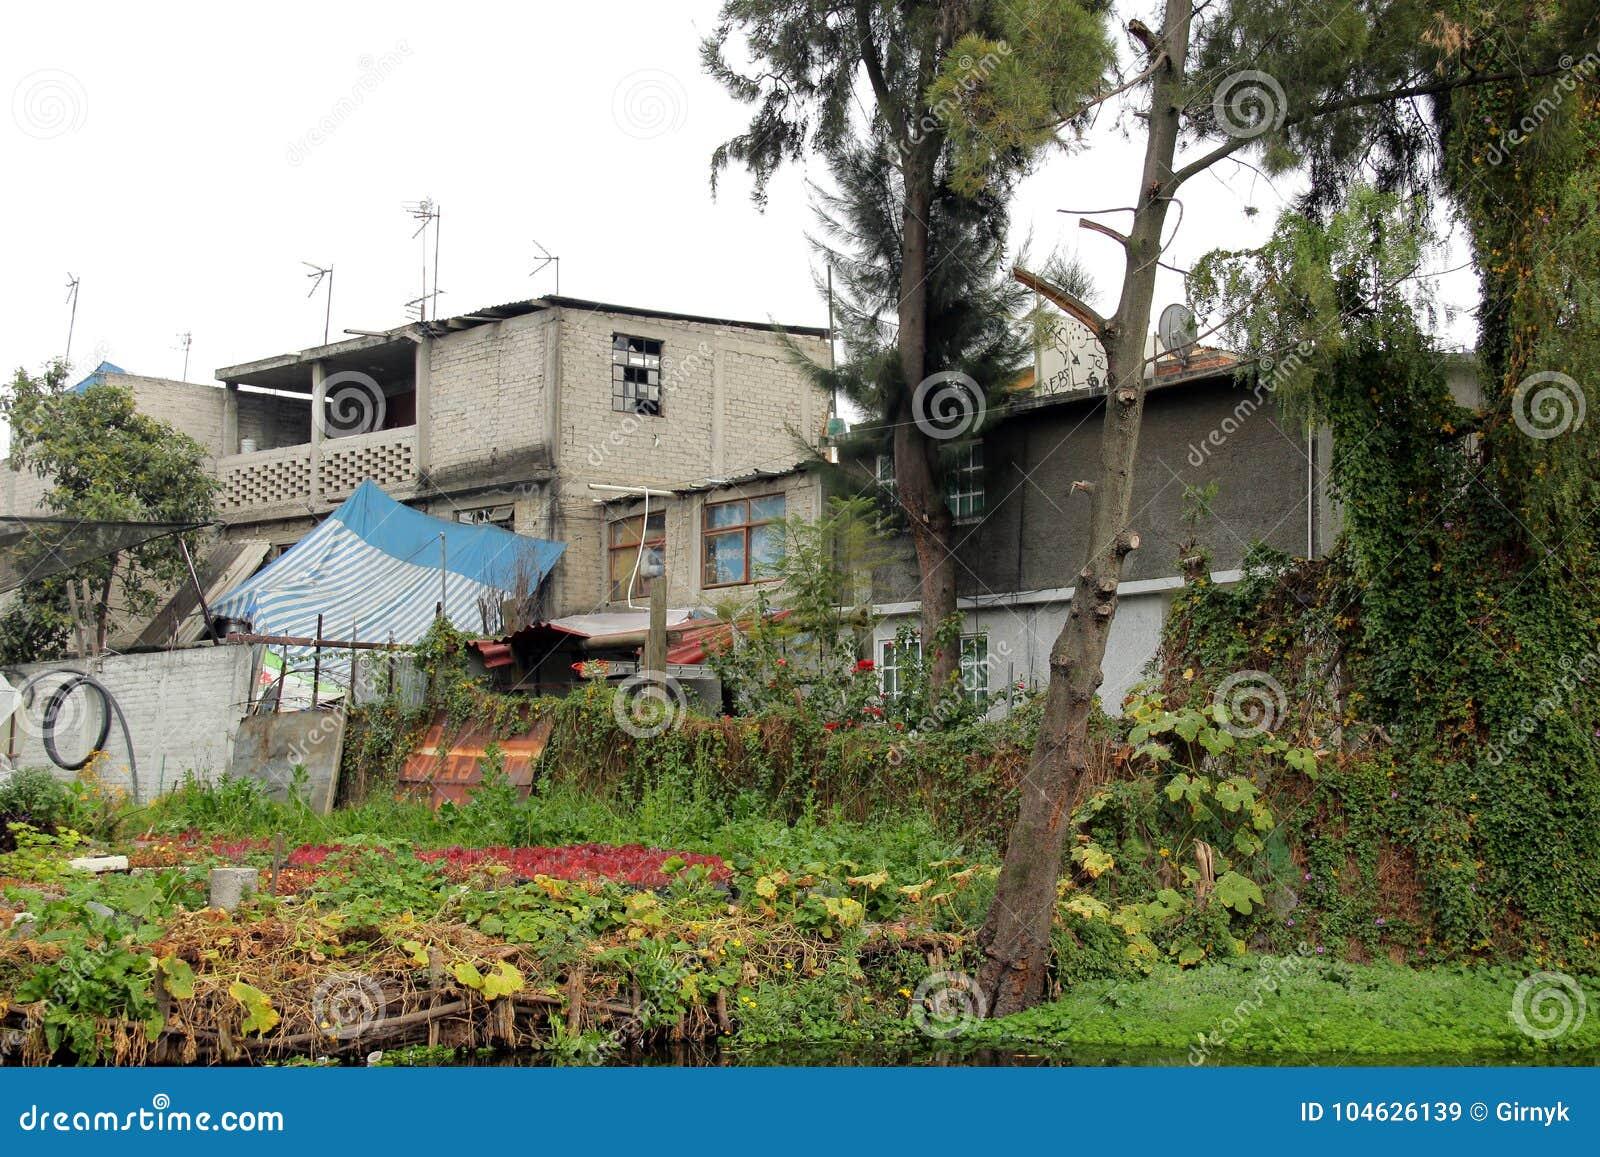 Download Mexicaans Waterdistrict Van Xochimilco Stock Afbeelding - Afbeelding bestaande uit plaats, schilderachtig: 104626139